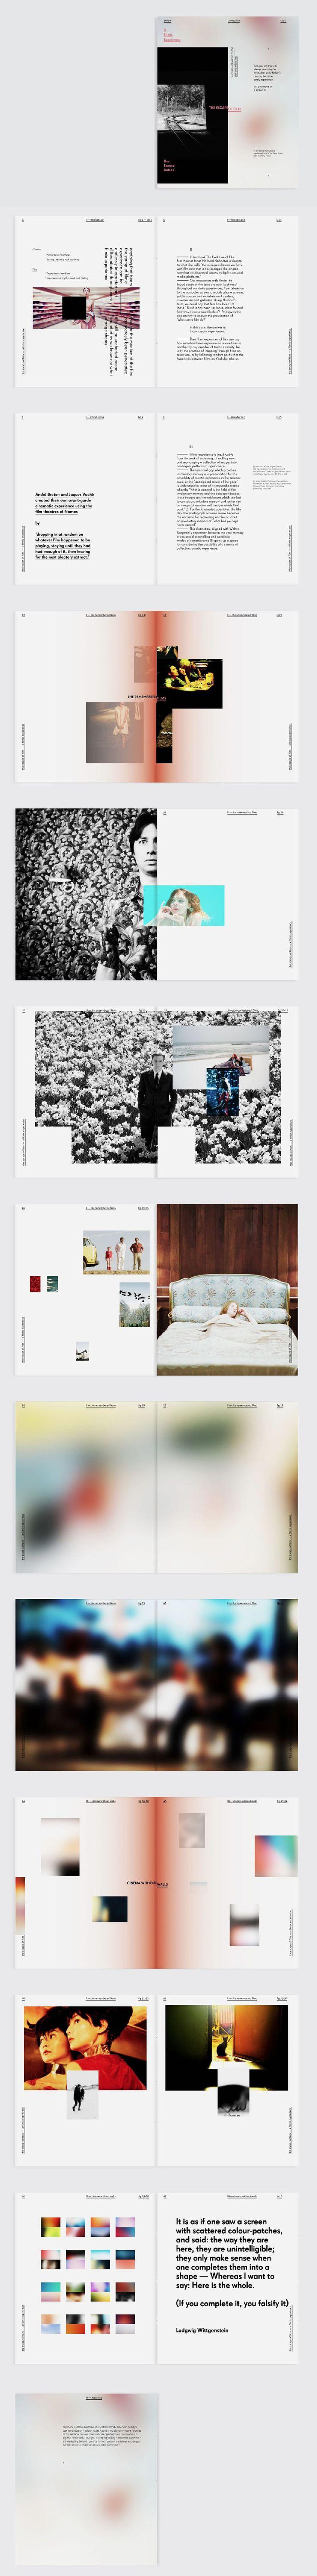 Zheng Joo | Editorial Design